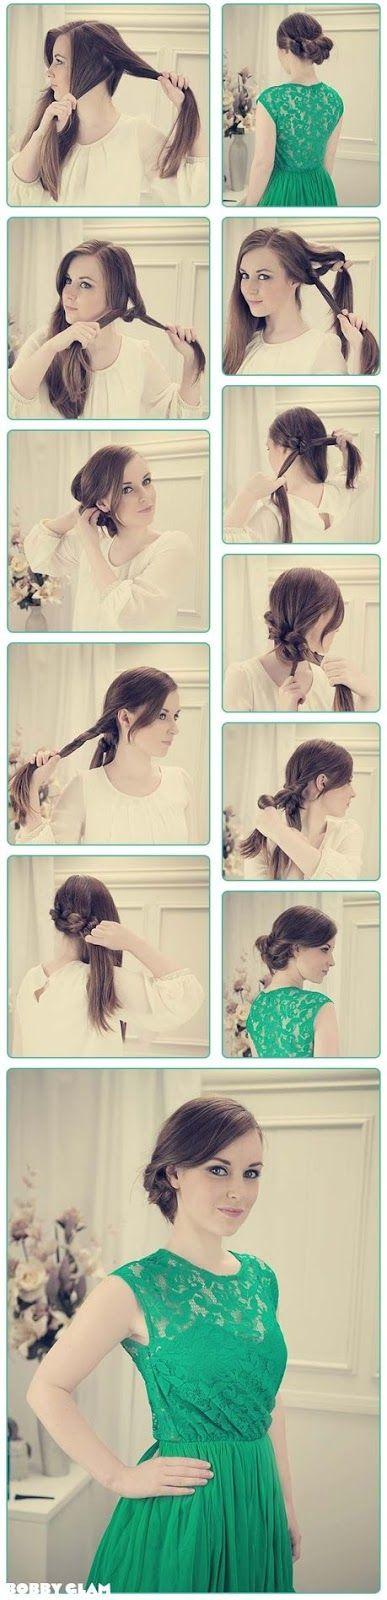 Peinado casual .- Chongo fácil de hacer